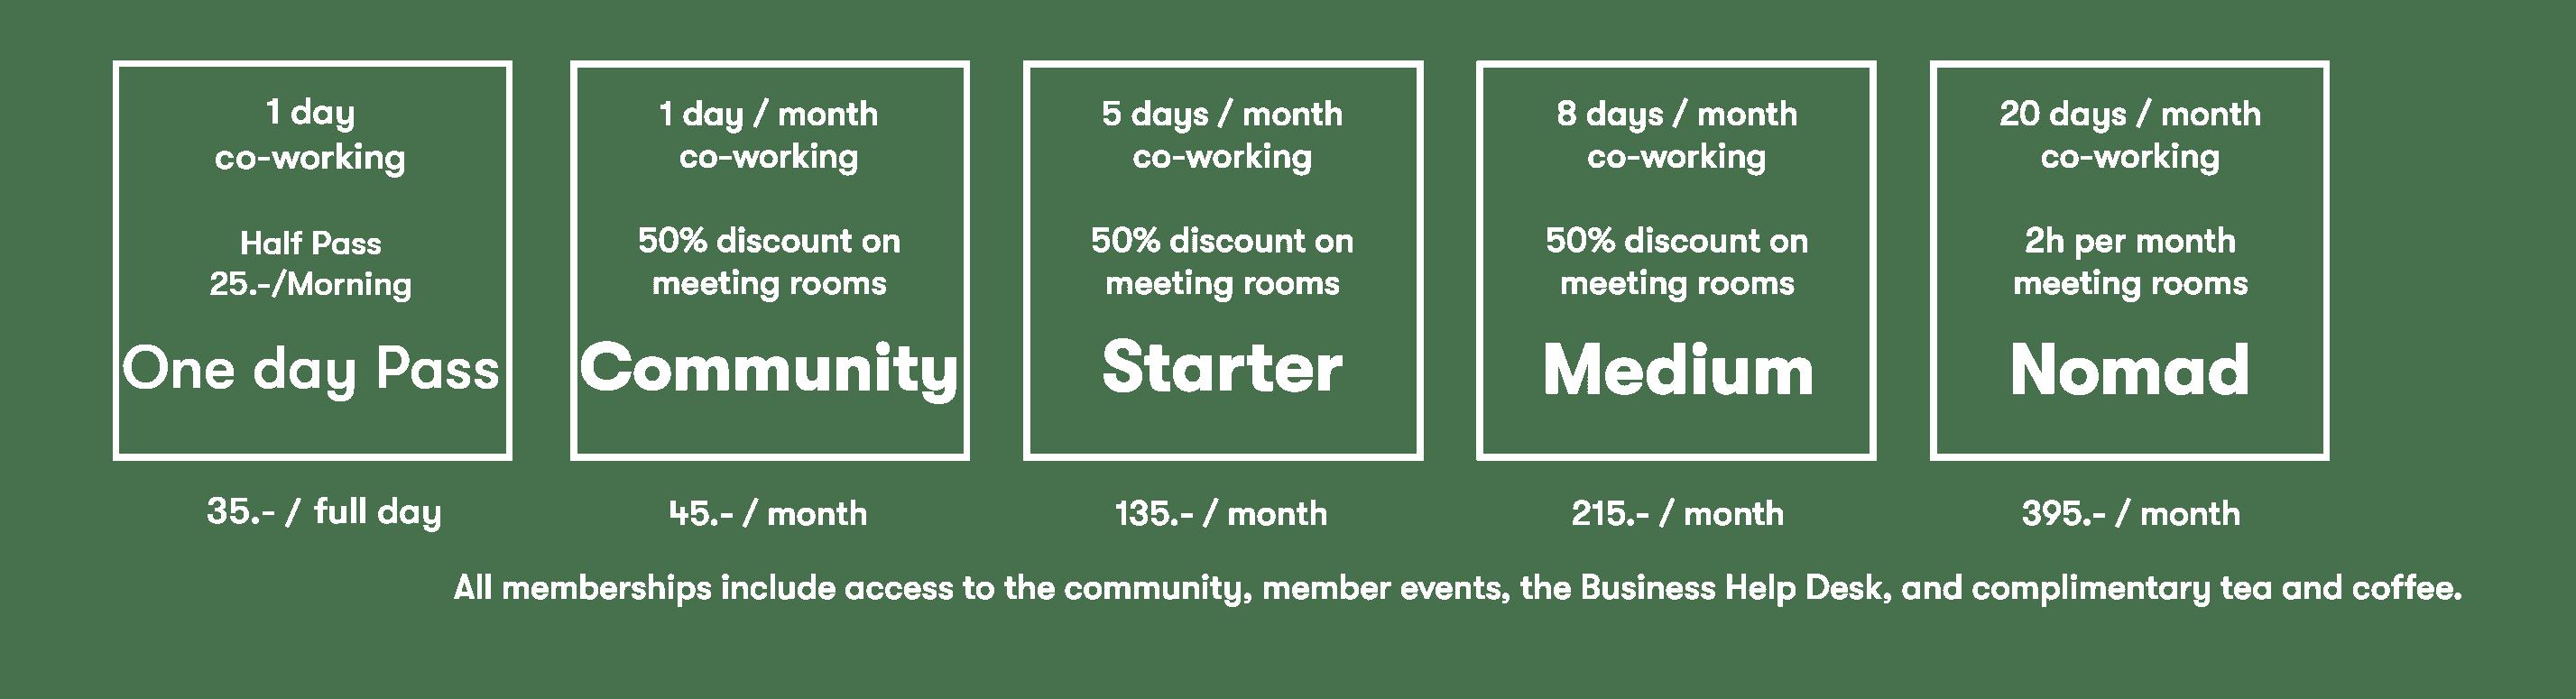 Membership Impact Hub Geneva